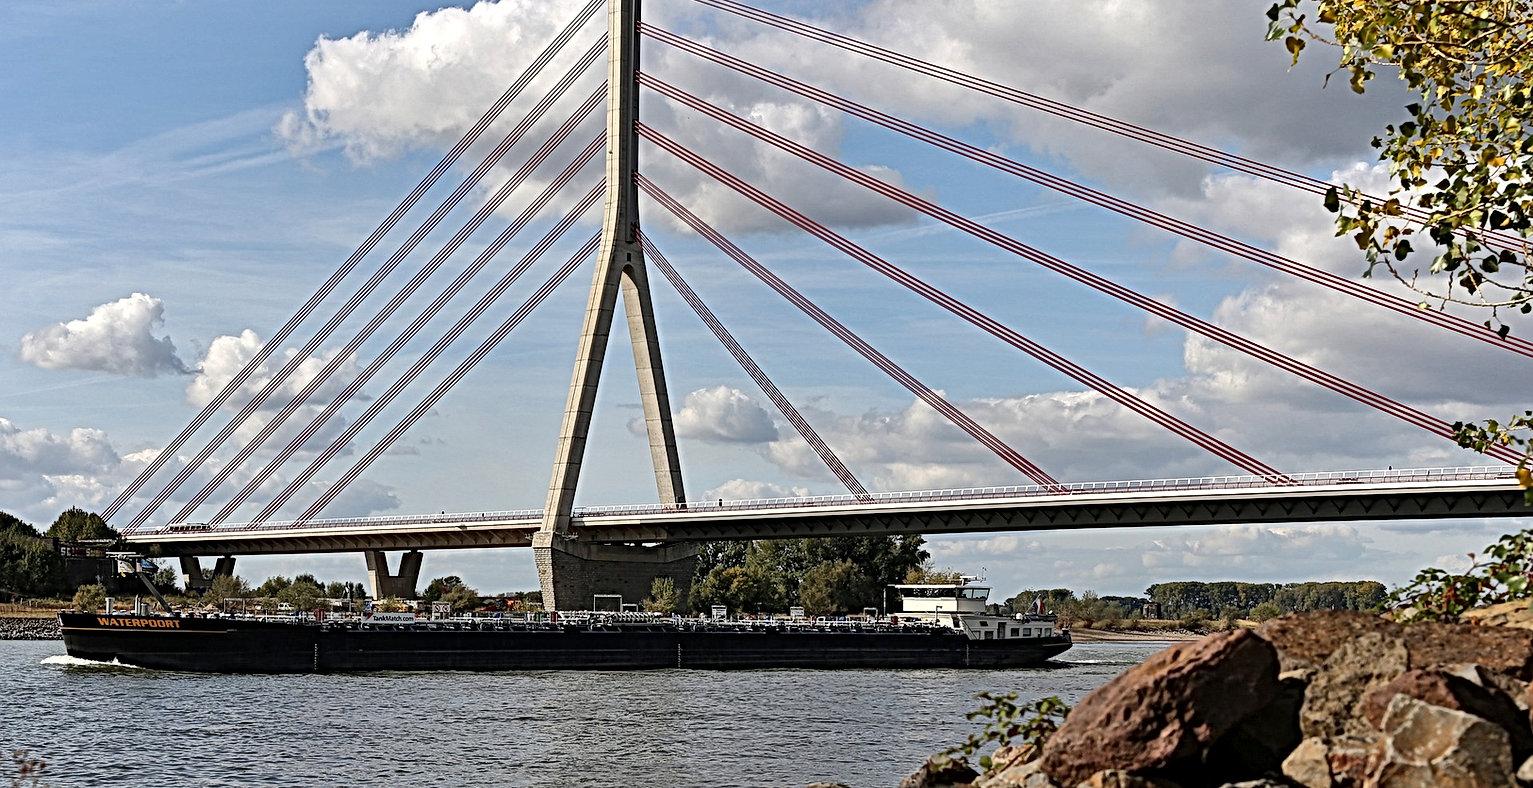 lower-rhine-bridge-3720011_1920.jpg